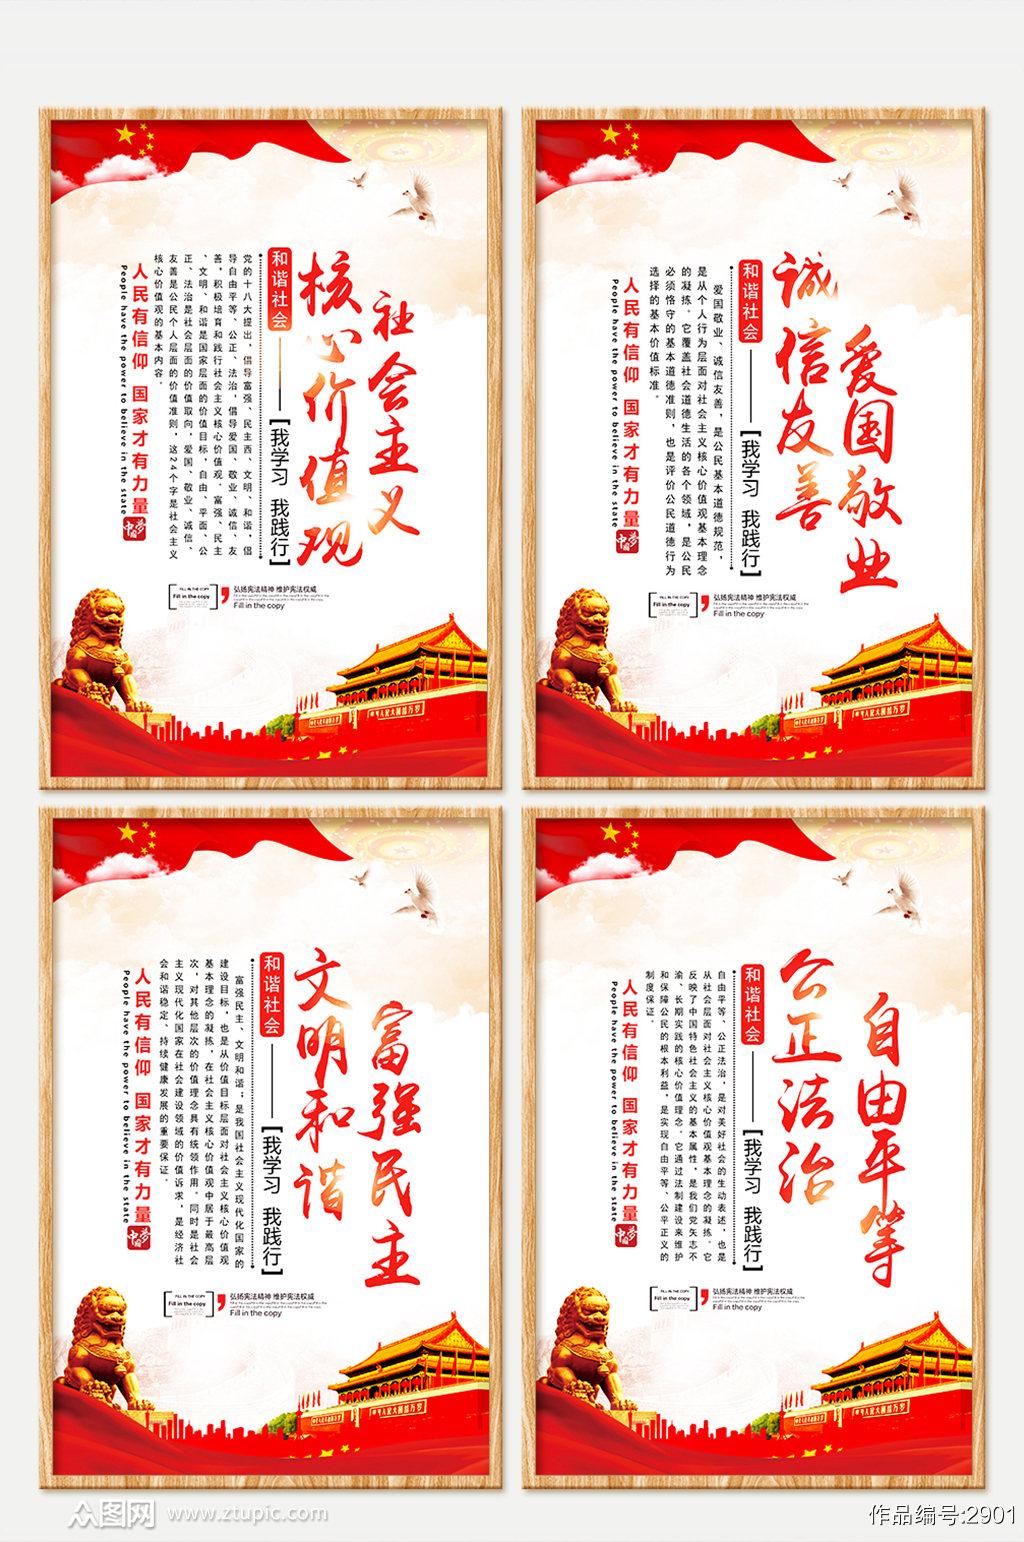 社会主义核心价值观政府机关党建文化法治海报素材